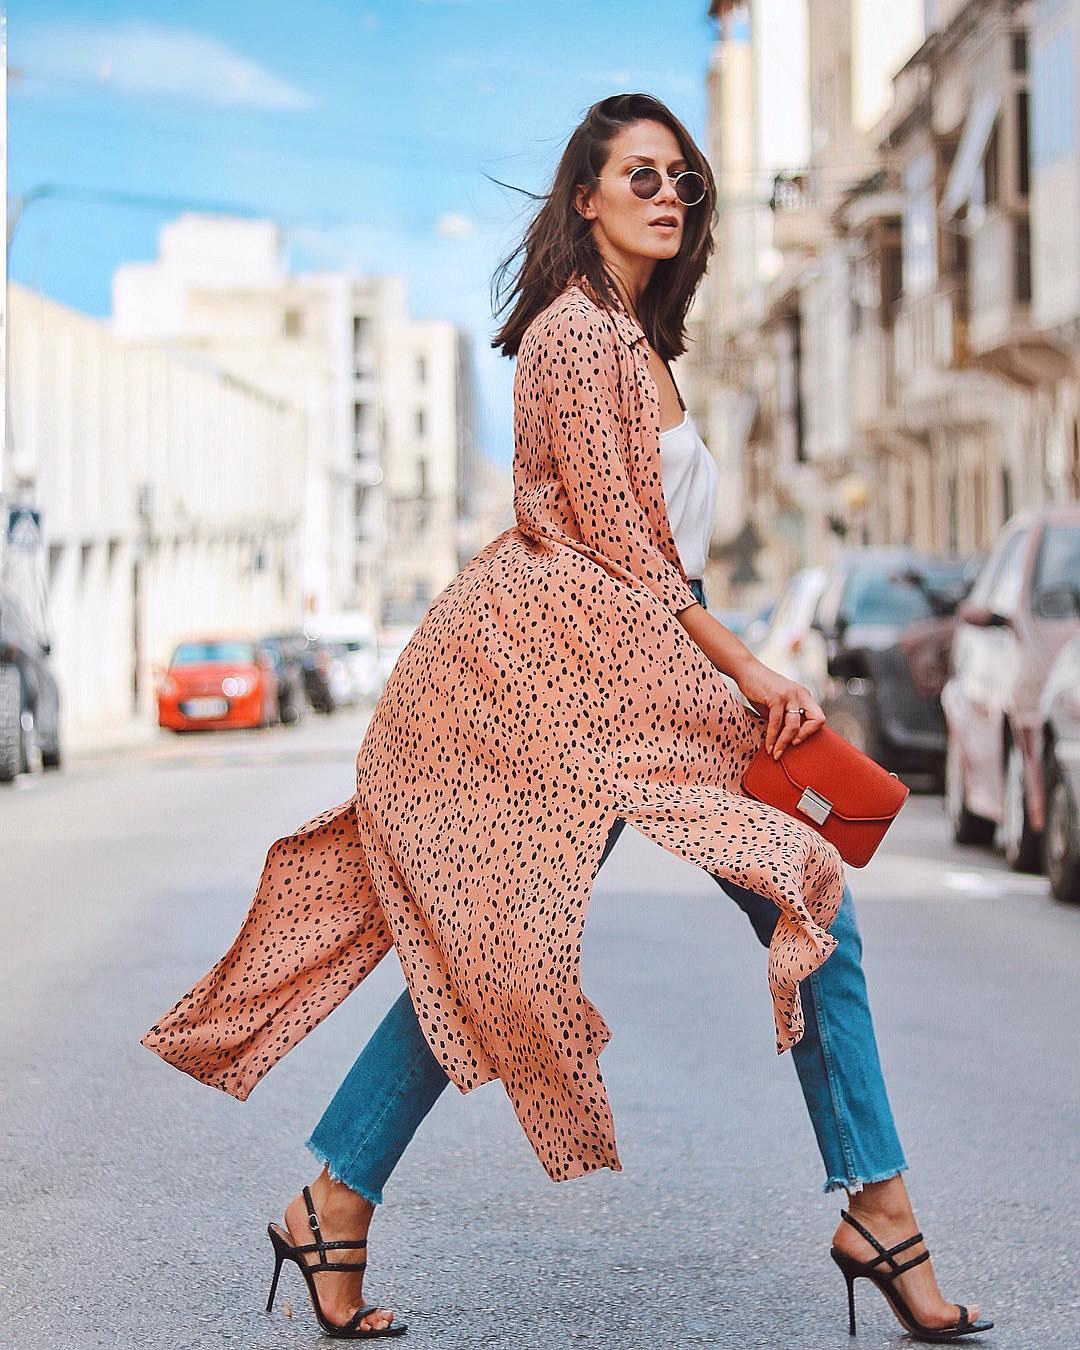 Модные тенденции лета 2019 года фото 3